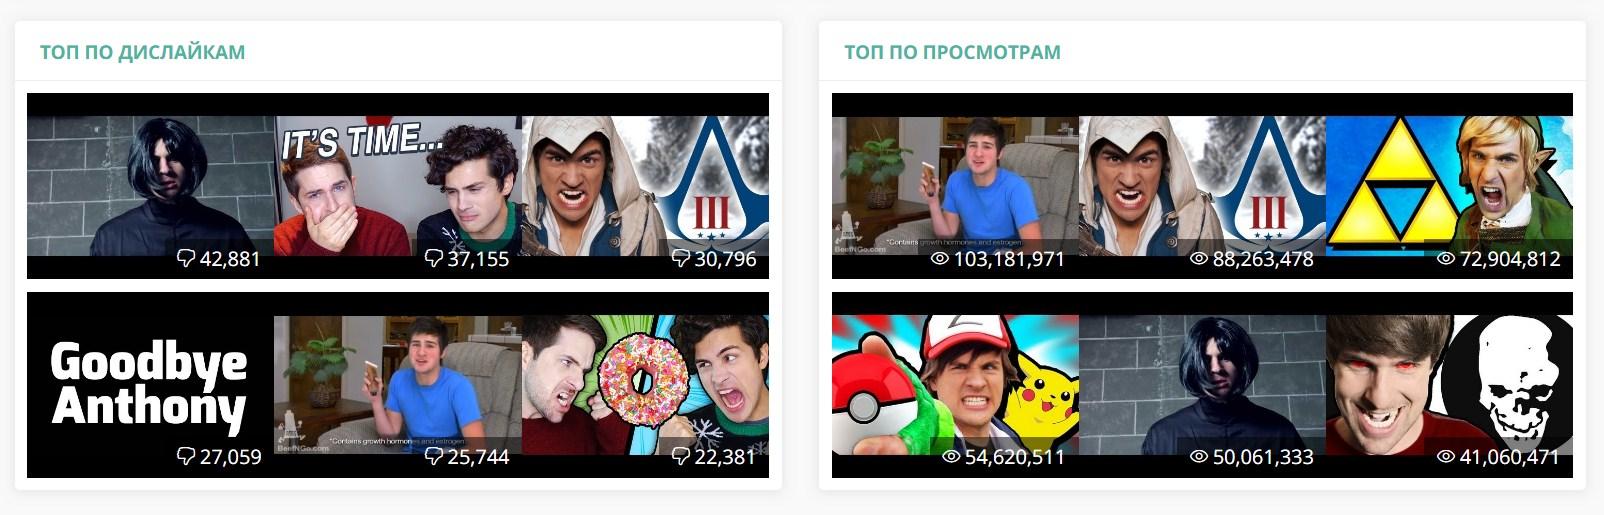 Списки лучших и худших видео конкурентов в livedune